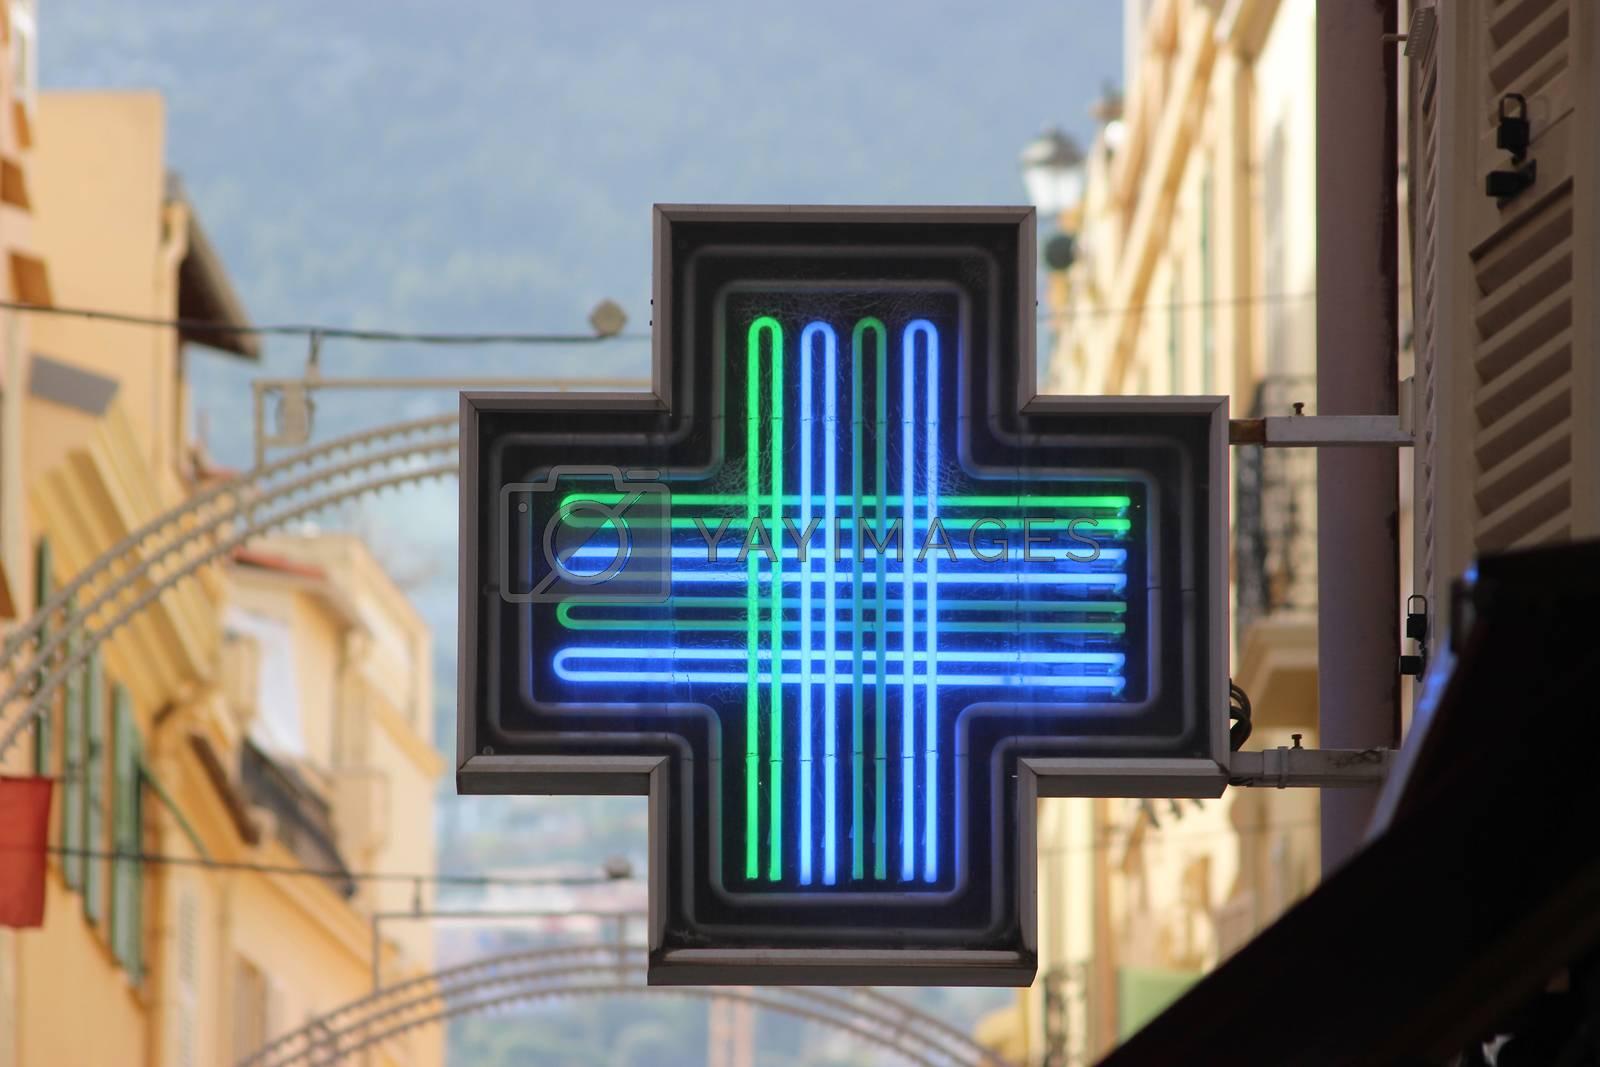 Pharmacy Green Cross Sign or Drug Store Symbol